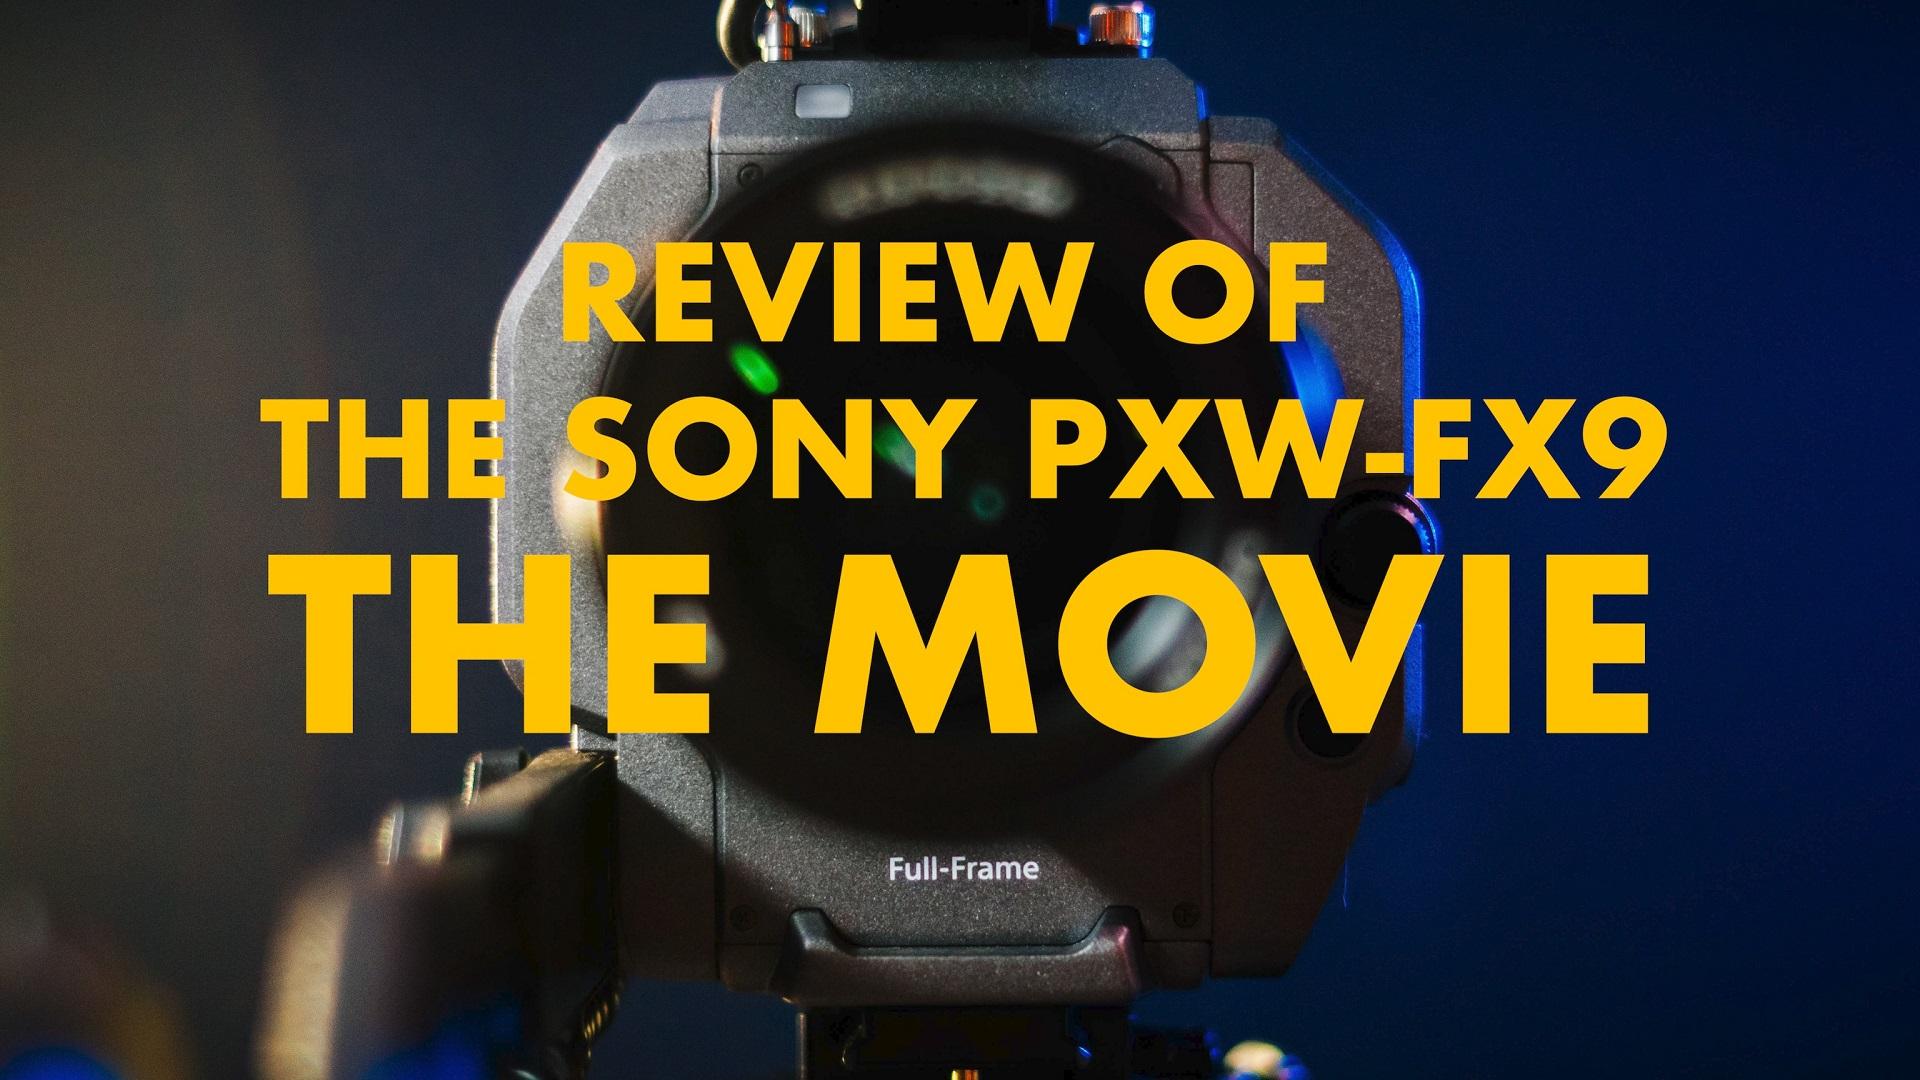 Philip Bloom氏がソニーFX9のレビュービデオをリリース